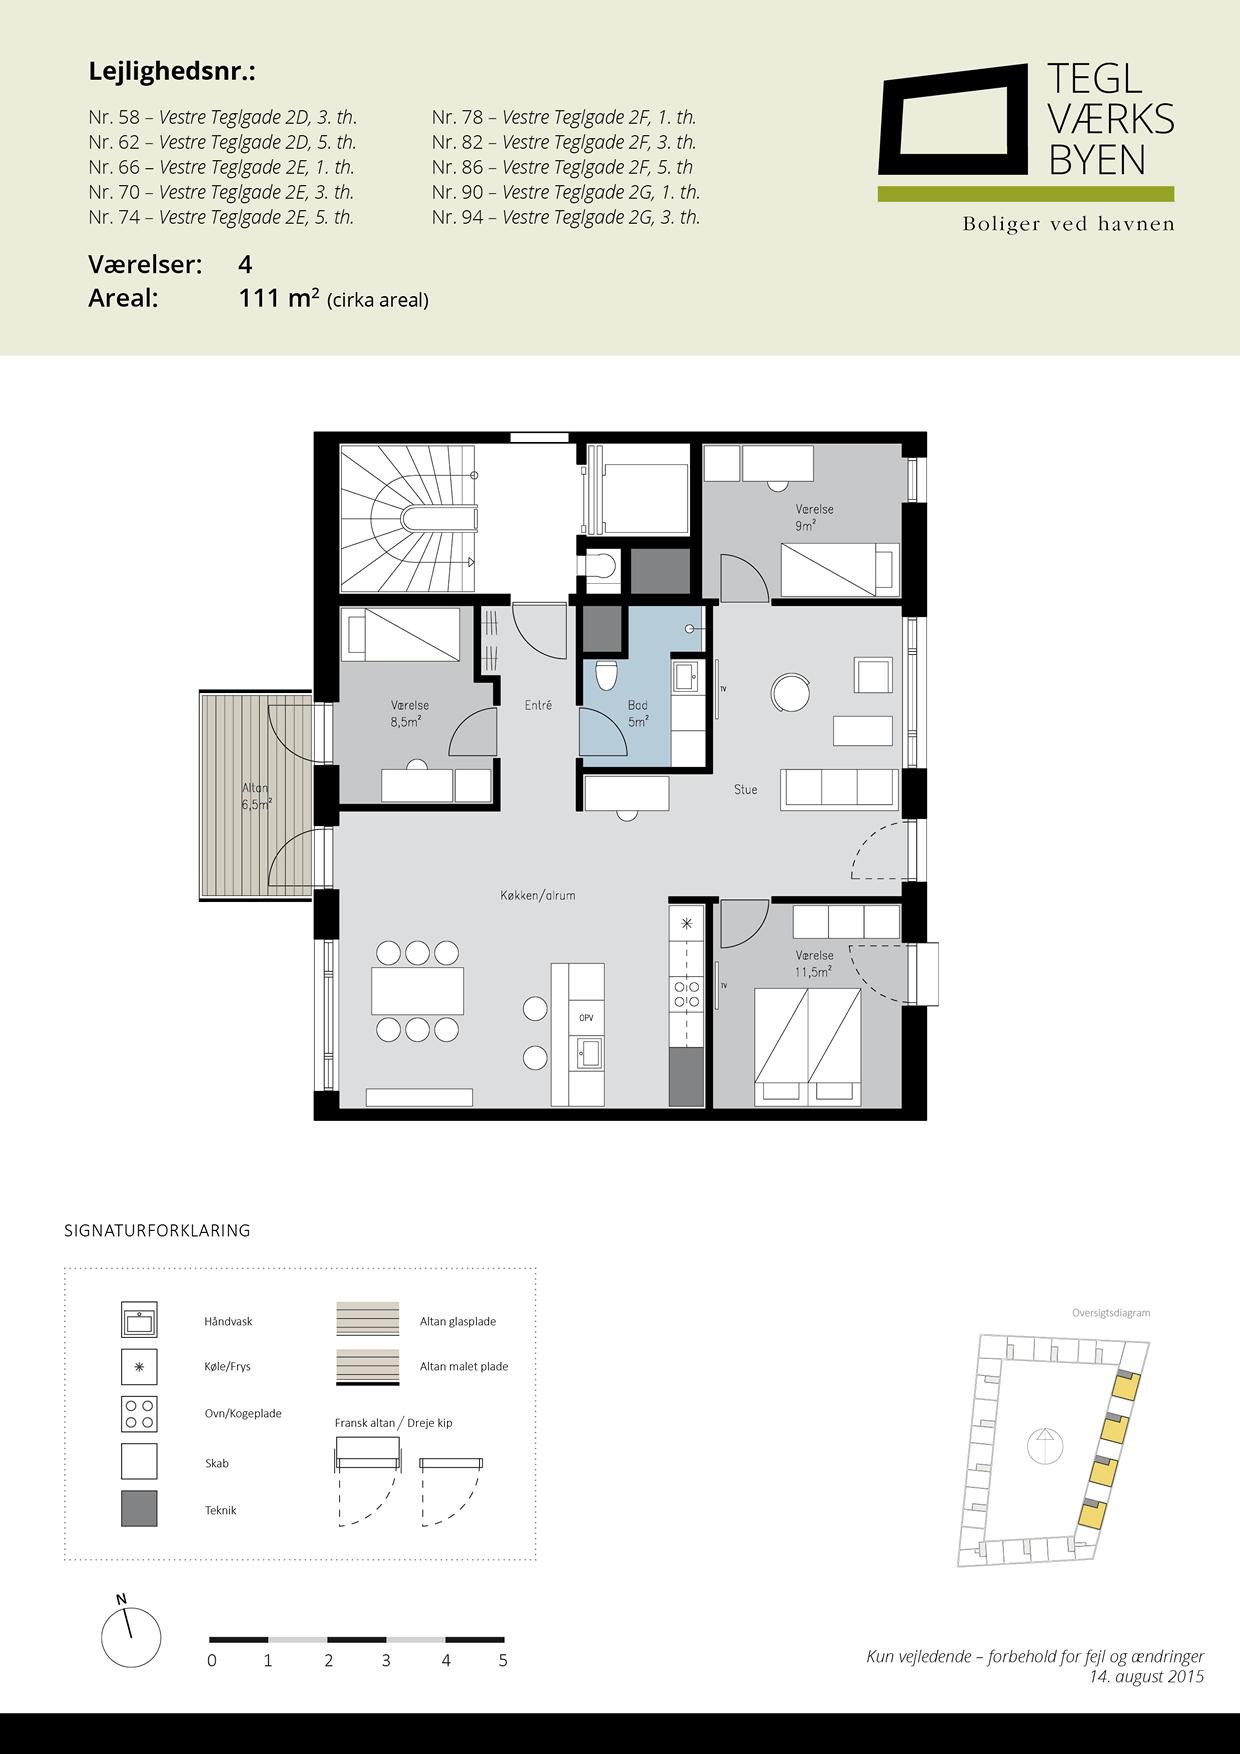 Teglvaerksbyen_58-62-66-70-74-78-82-86-90-94_plan